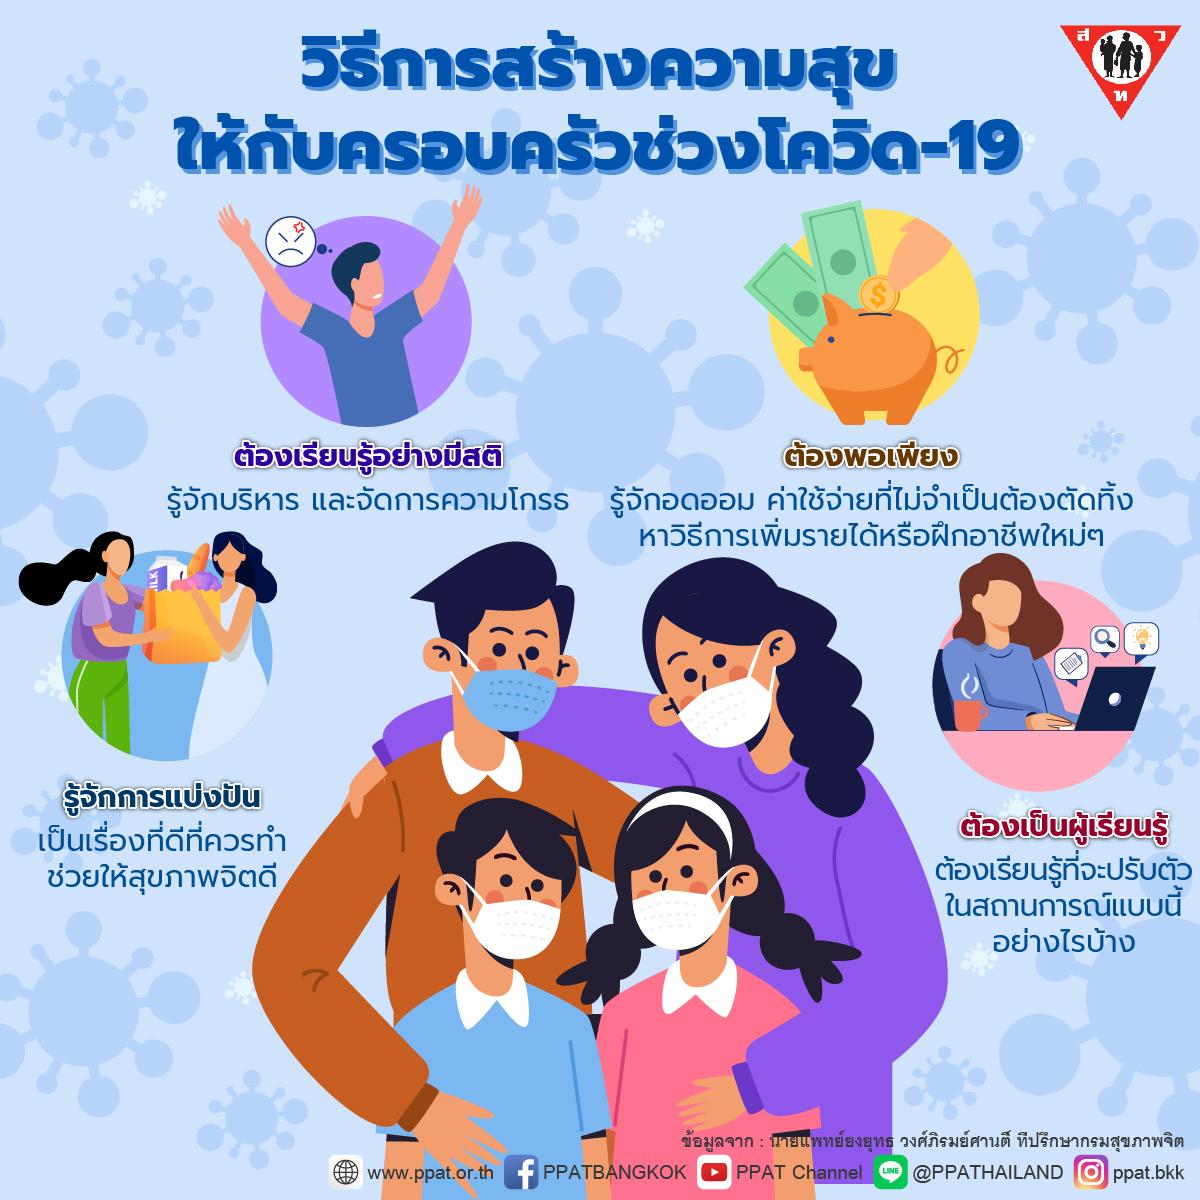 วิธีการสร้างความสุขให้กับครอบครัวช่วงโควิด-19-01